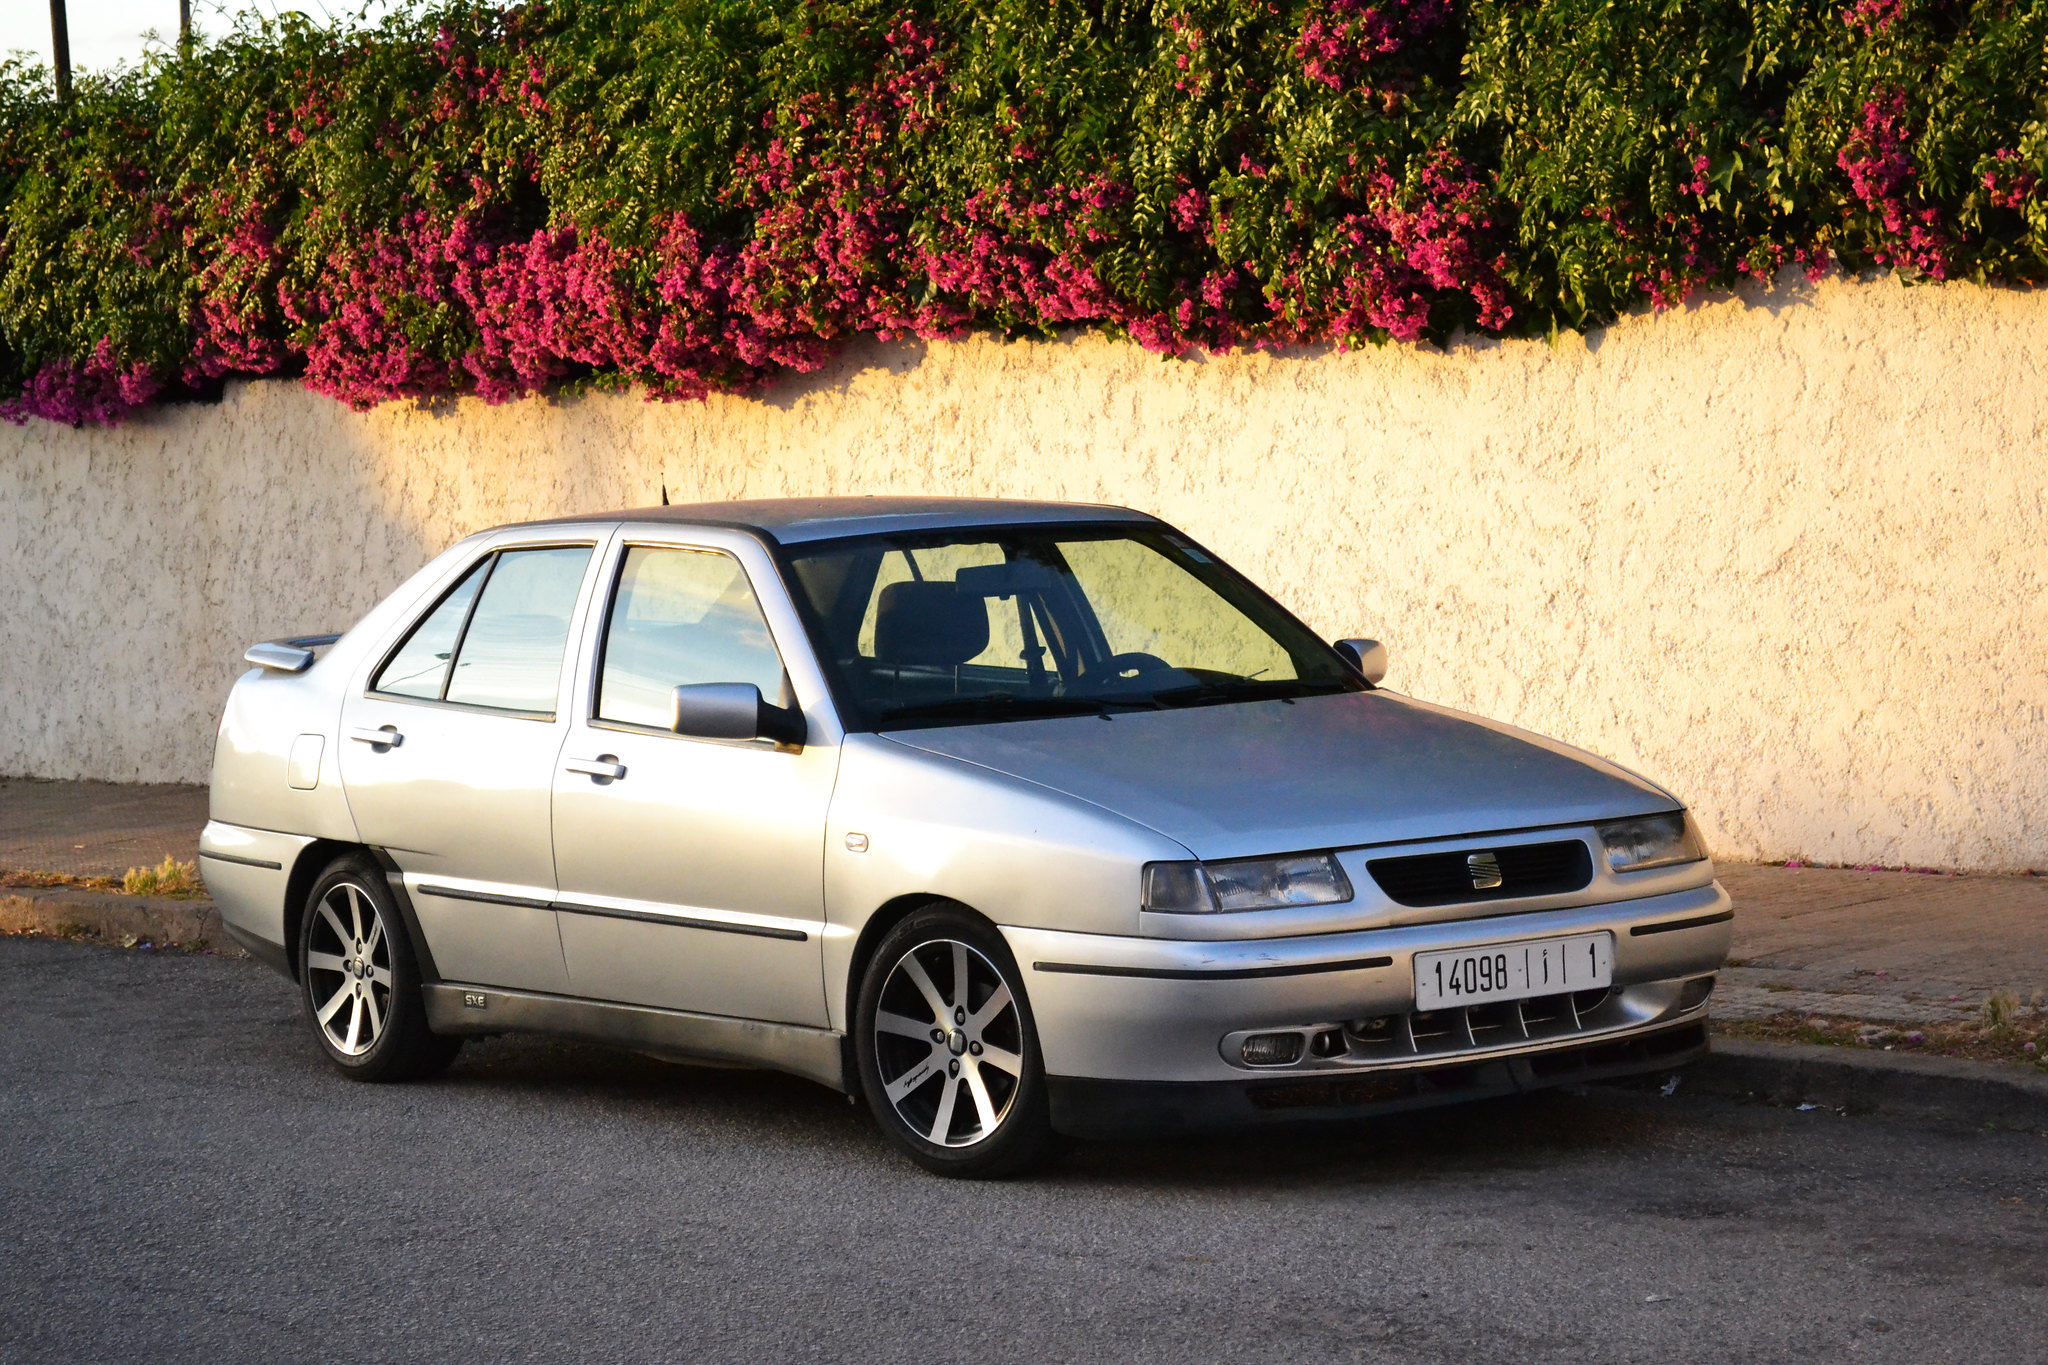 [Goa] Seat Toledo 1L 1.8i 8v 90chx SXE - Page 7 7266973464_f9000a9157_k